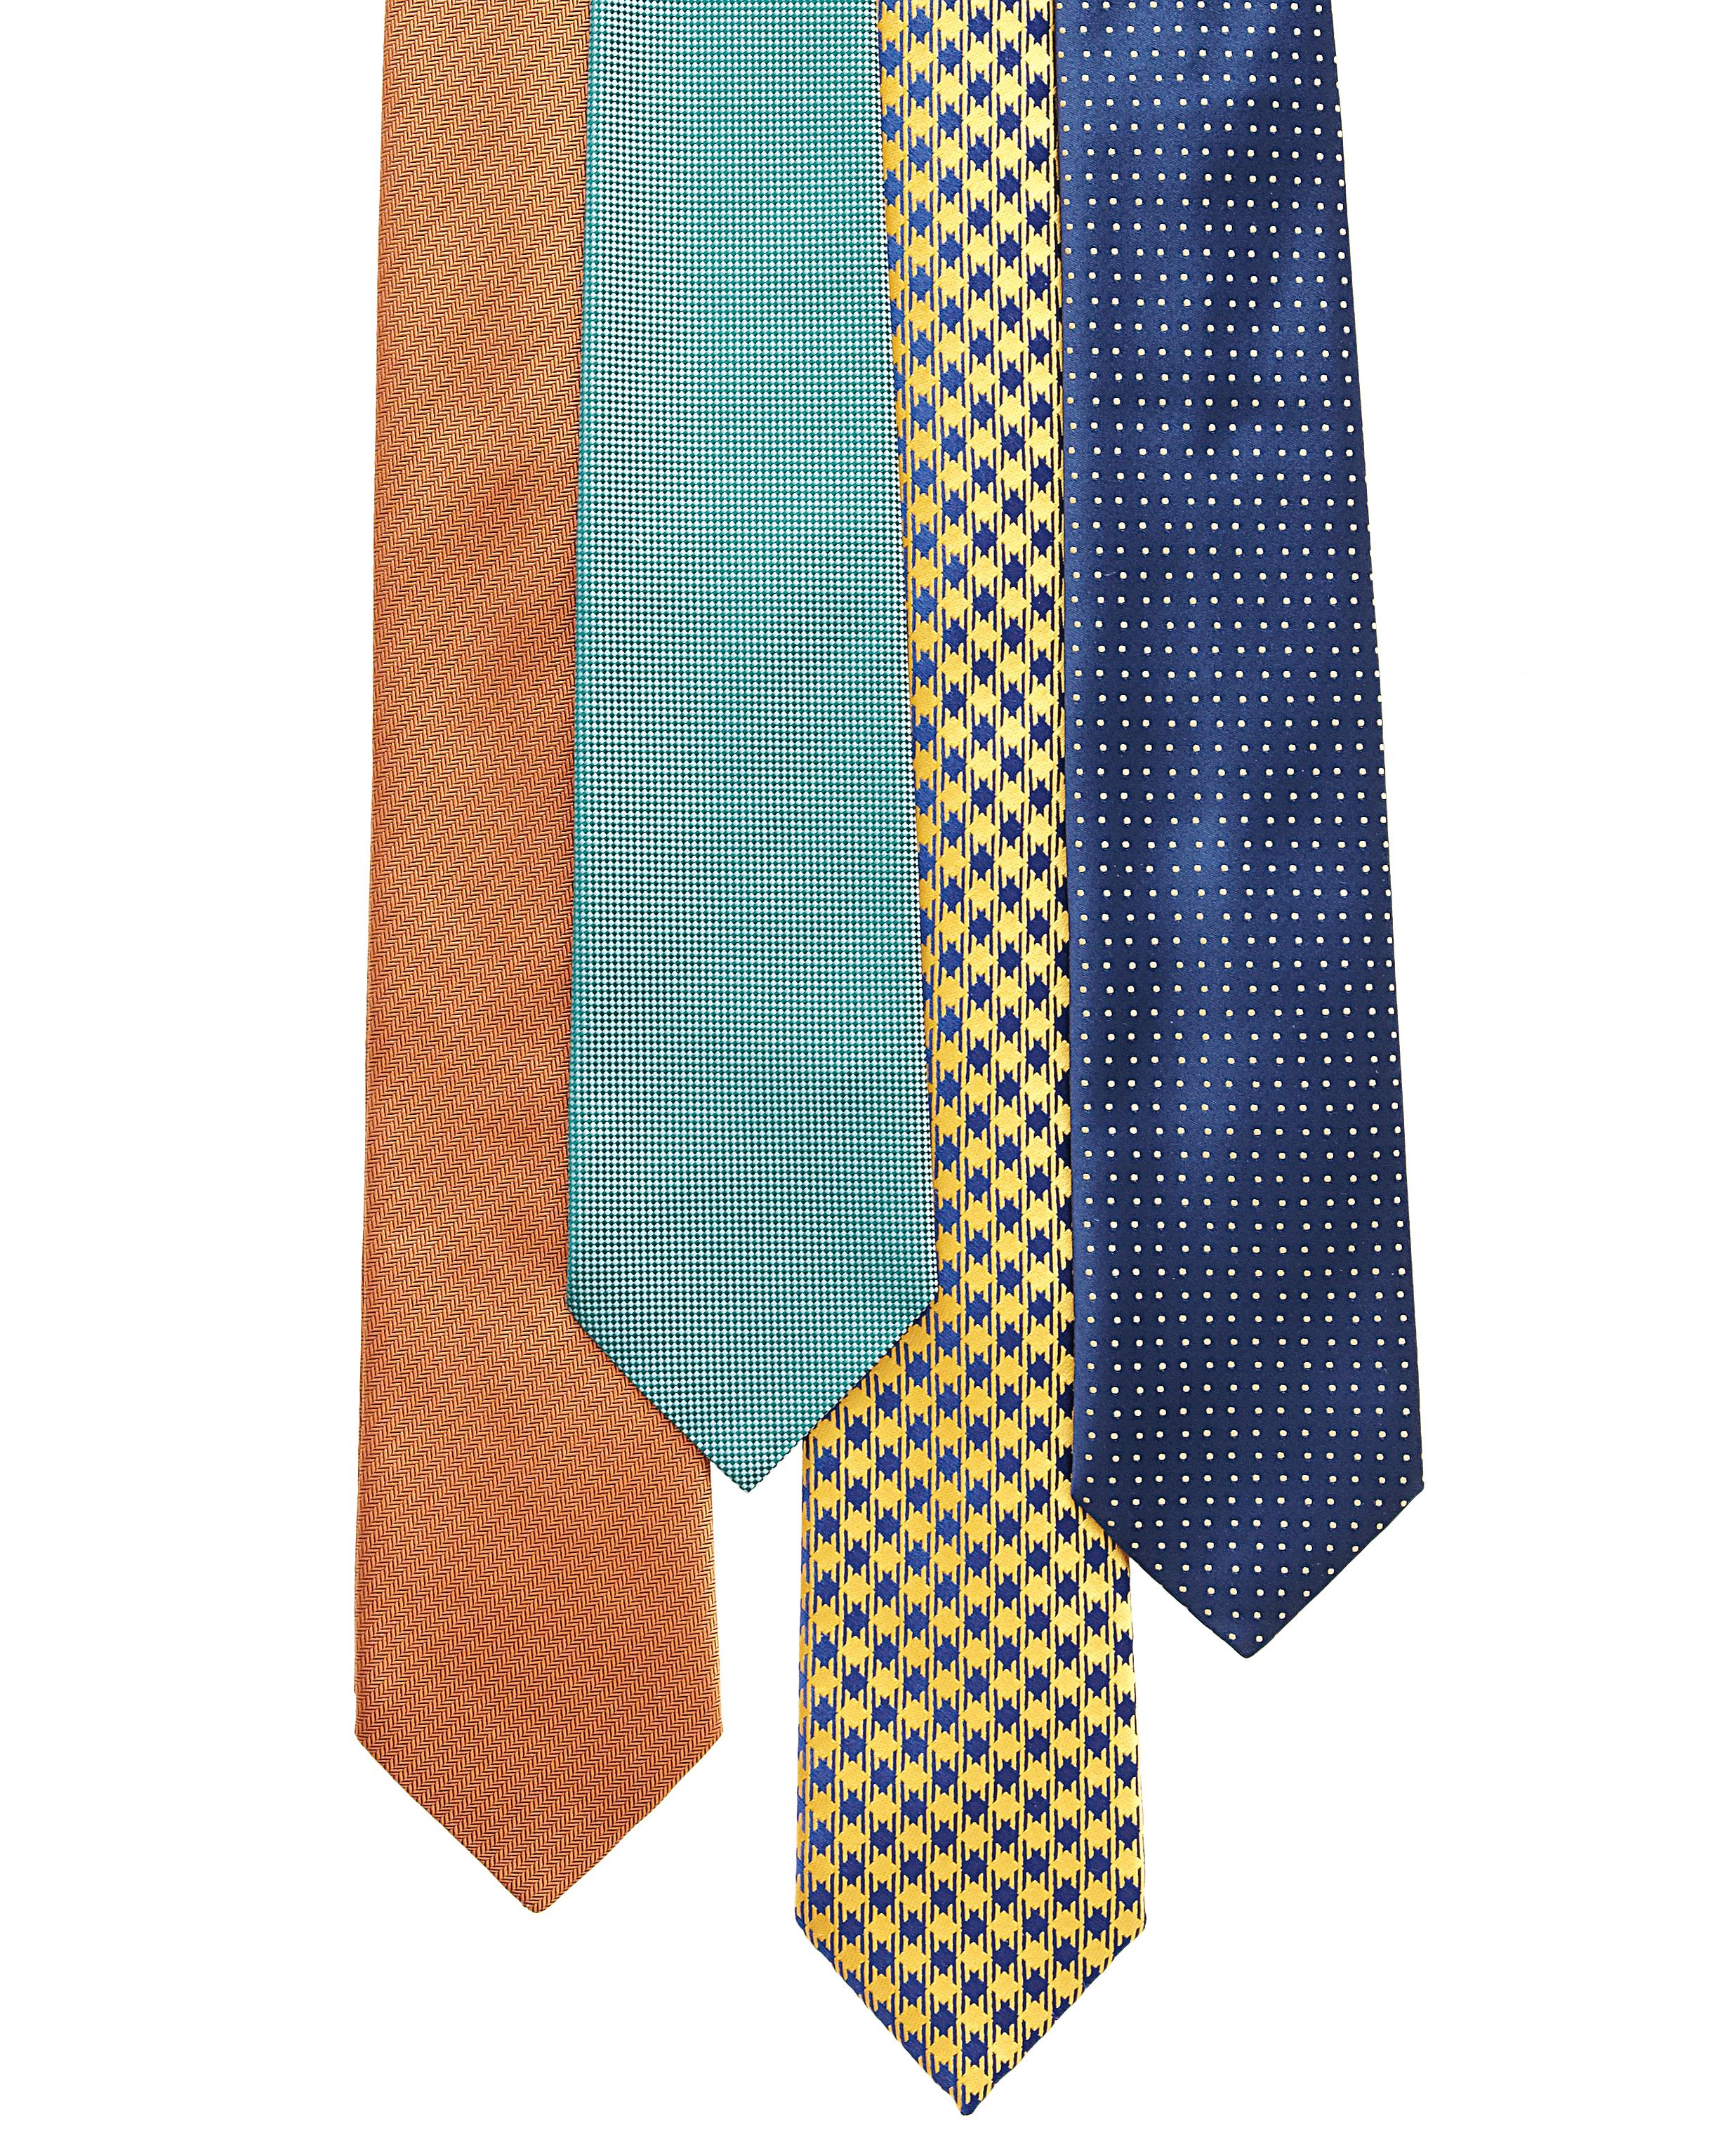 fashion-ties-0811mwd107539.jpg